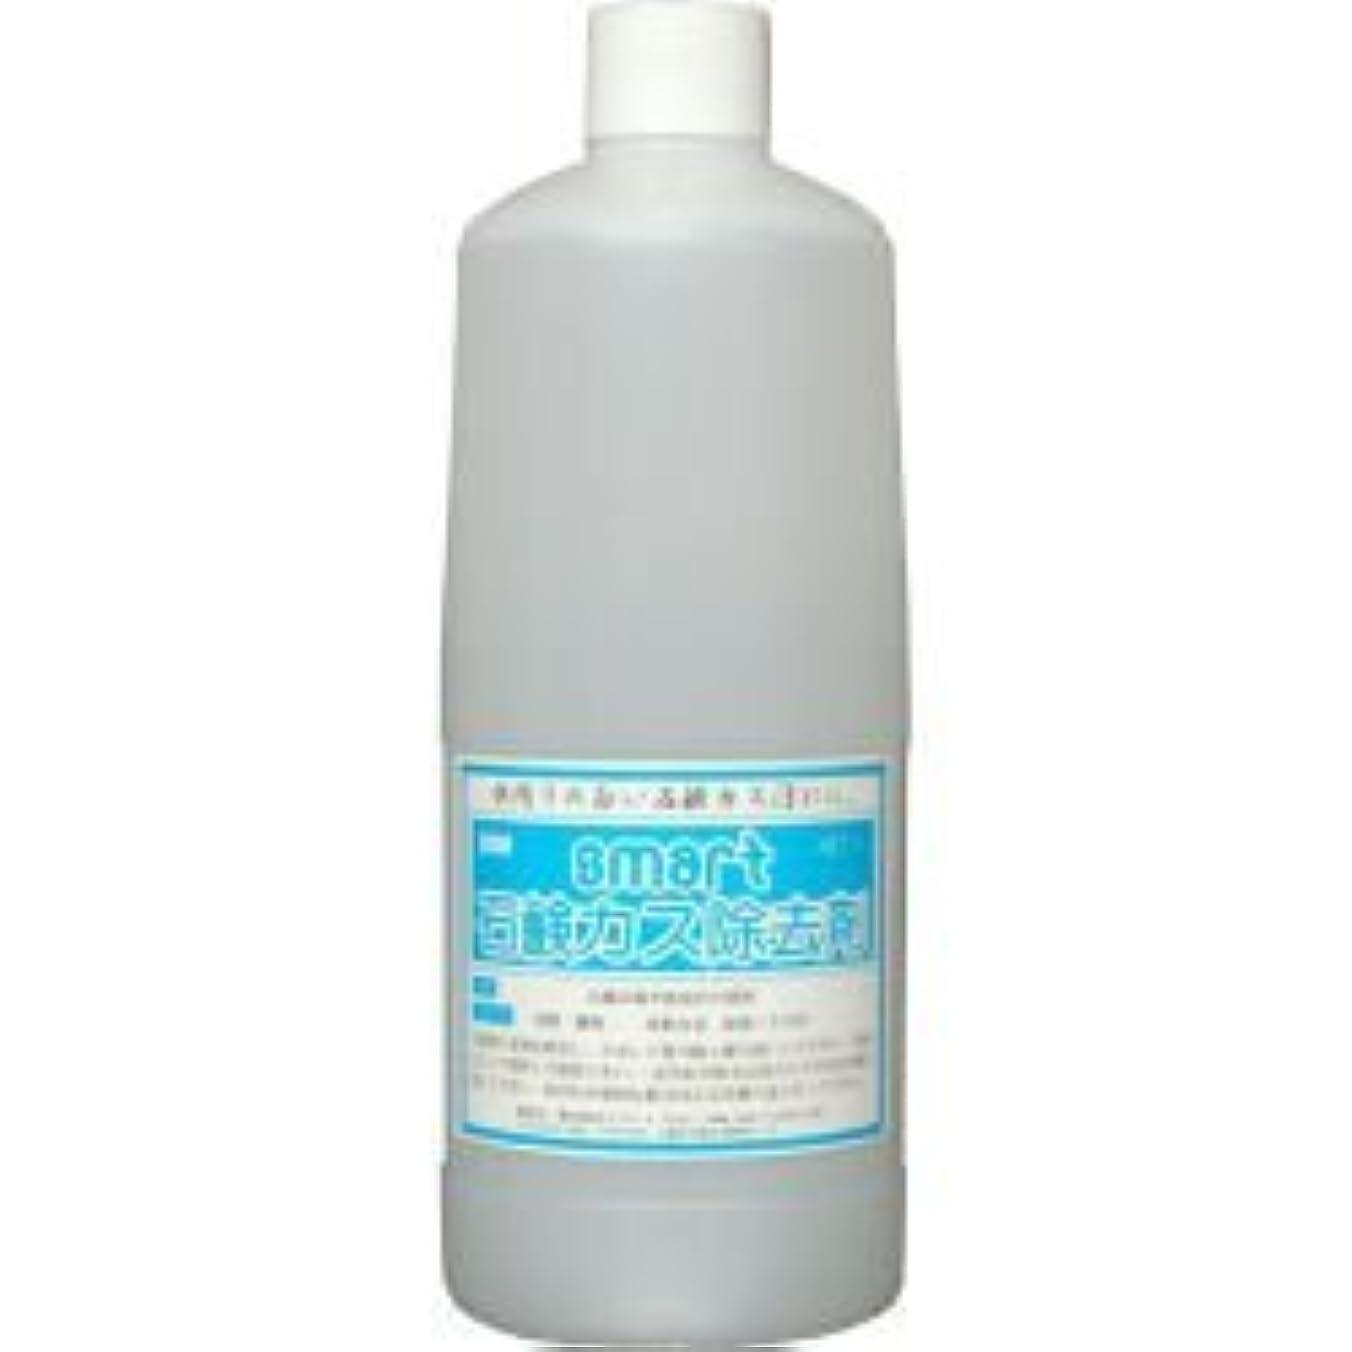 好戦的なファンド提供スマート石鹸カス除去剤 1L